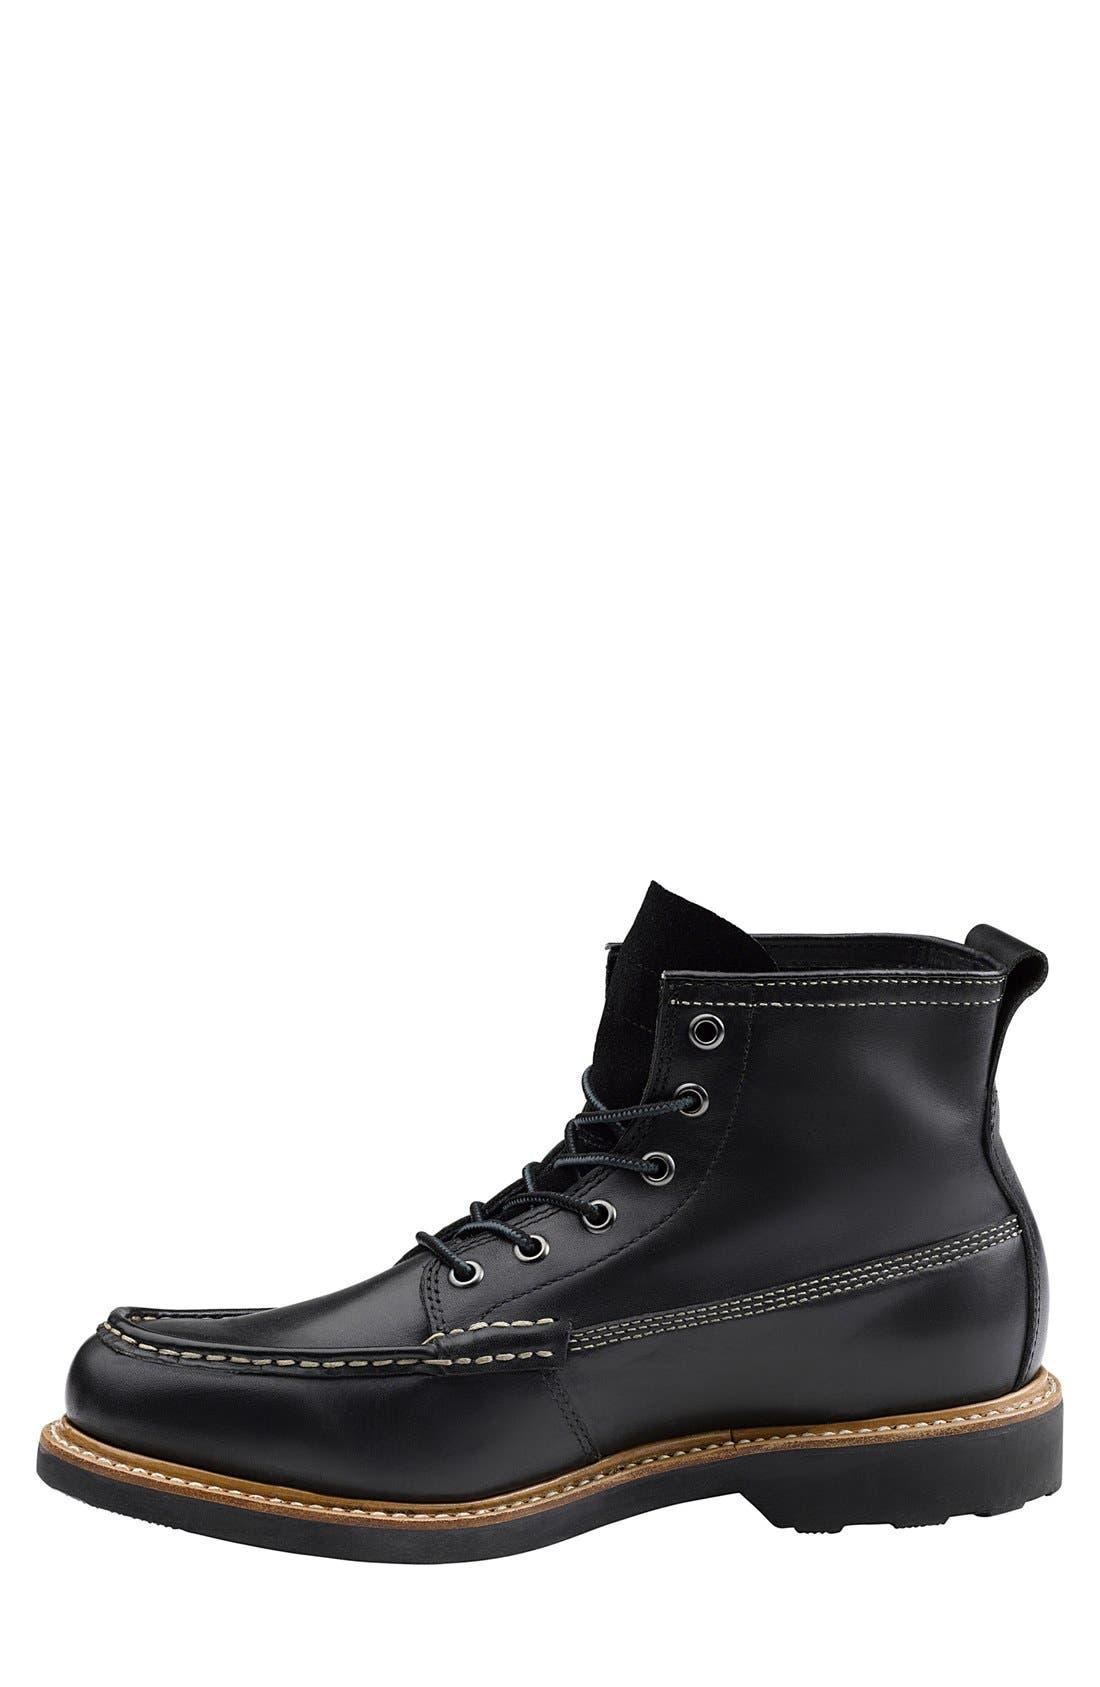 Alternate Image 2  - G.H. Bass & Co. 'Ashby' Moc Toe Boot (Men)